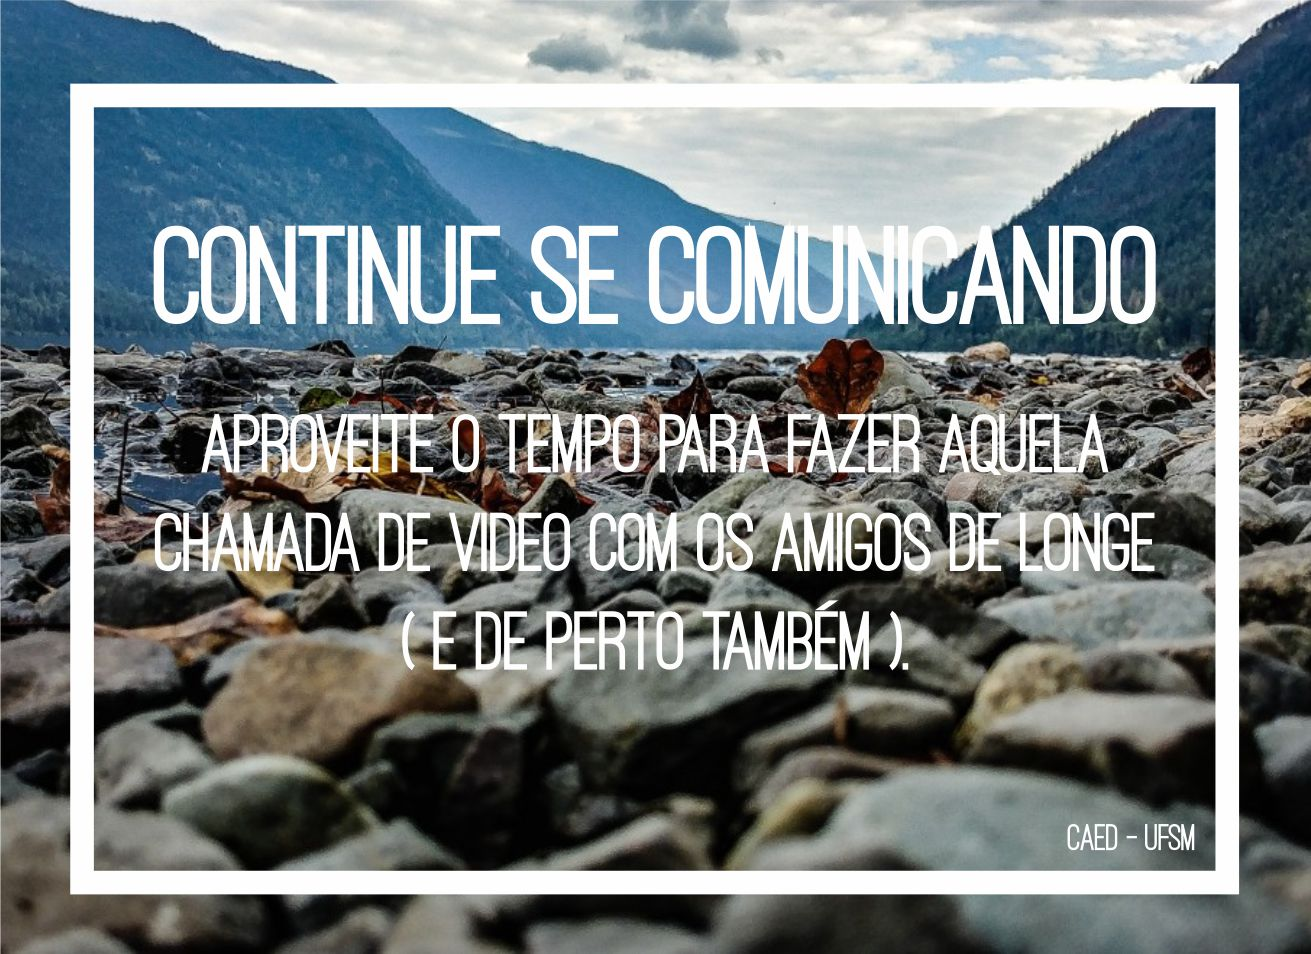 Post Continue se comunicando